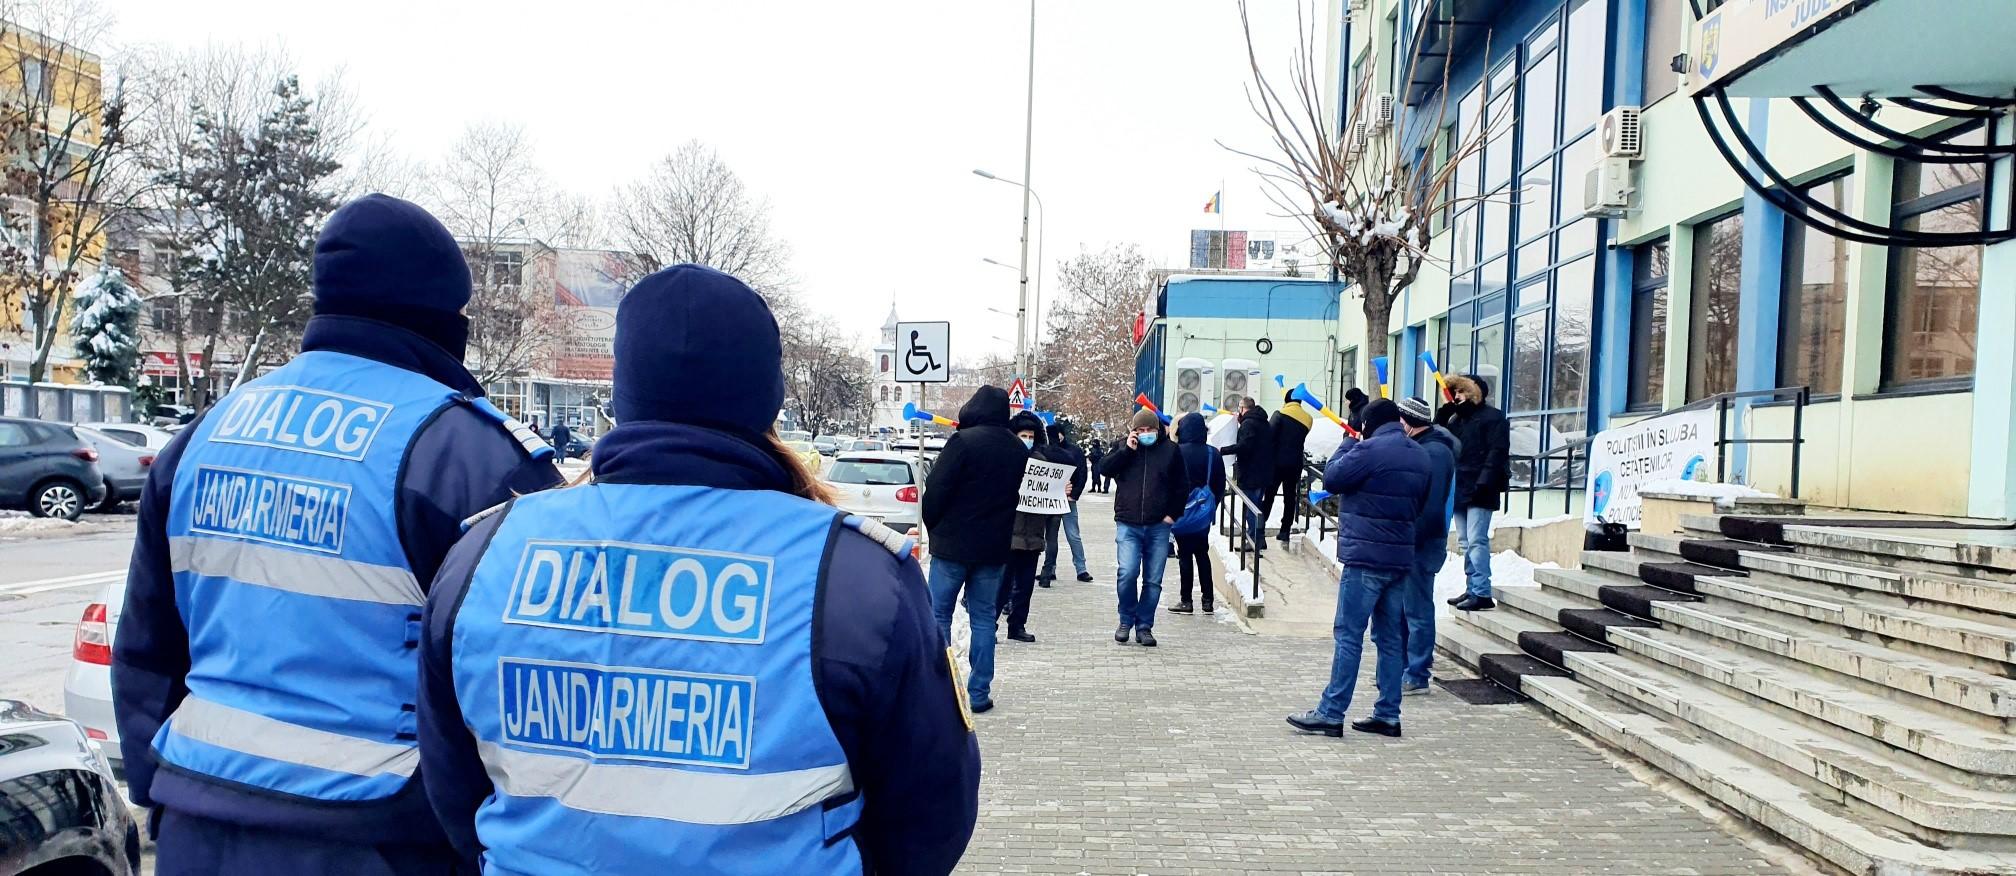 Polițiștii protestează